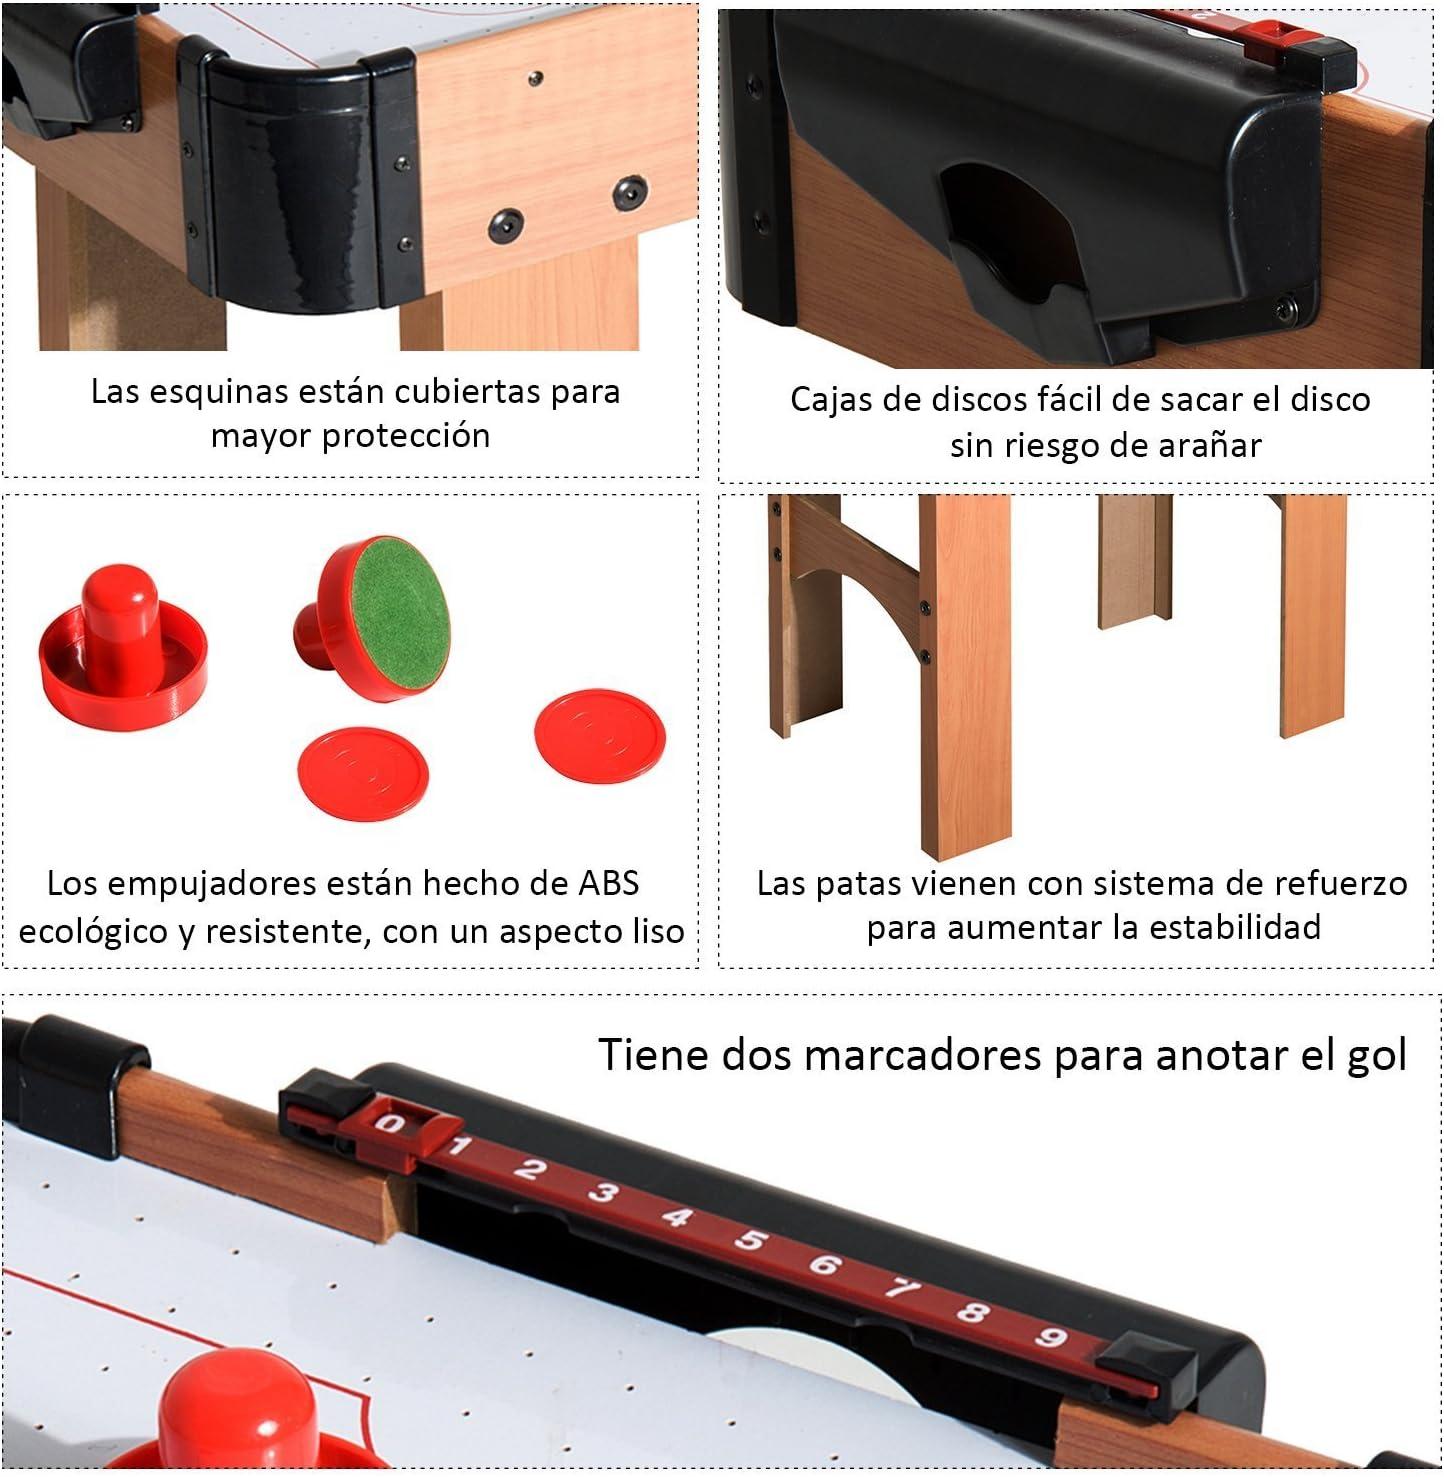 HOMCOM Air Hockey Juego de Mesa de Madera con Ventilador 2 Discos y 2 Empujadores 74.5x36.5x64.5cm: Amazon.es: Juguetes y juegos